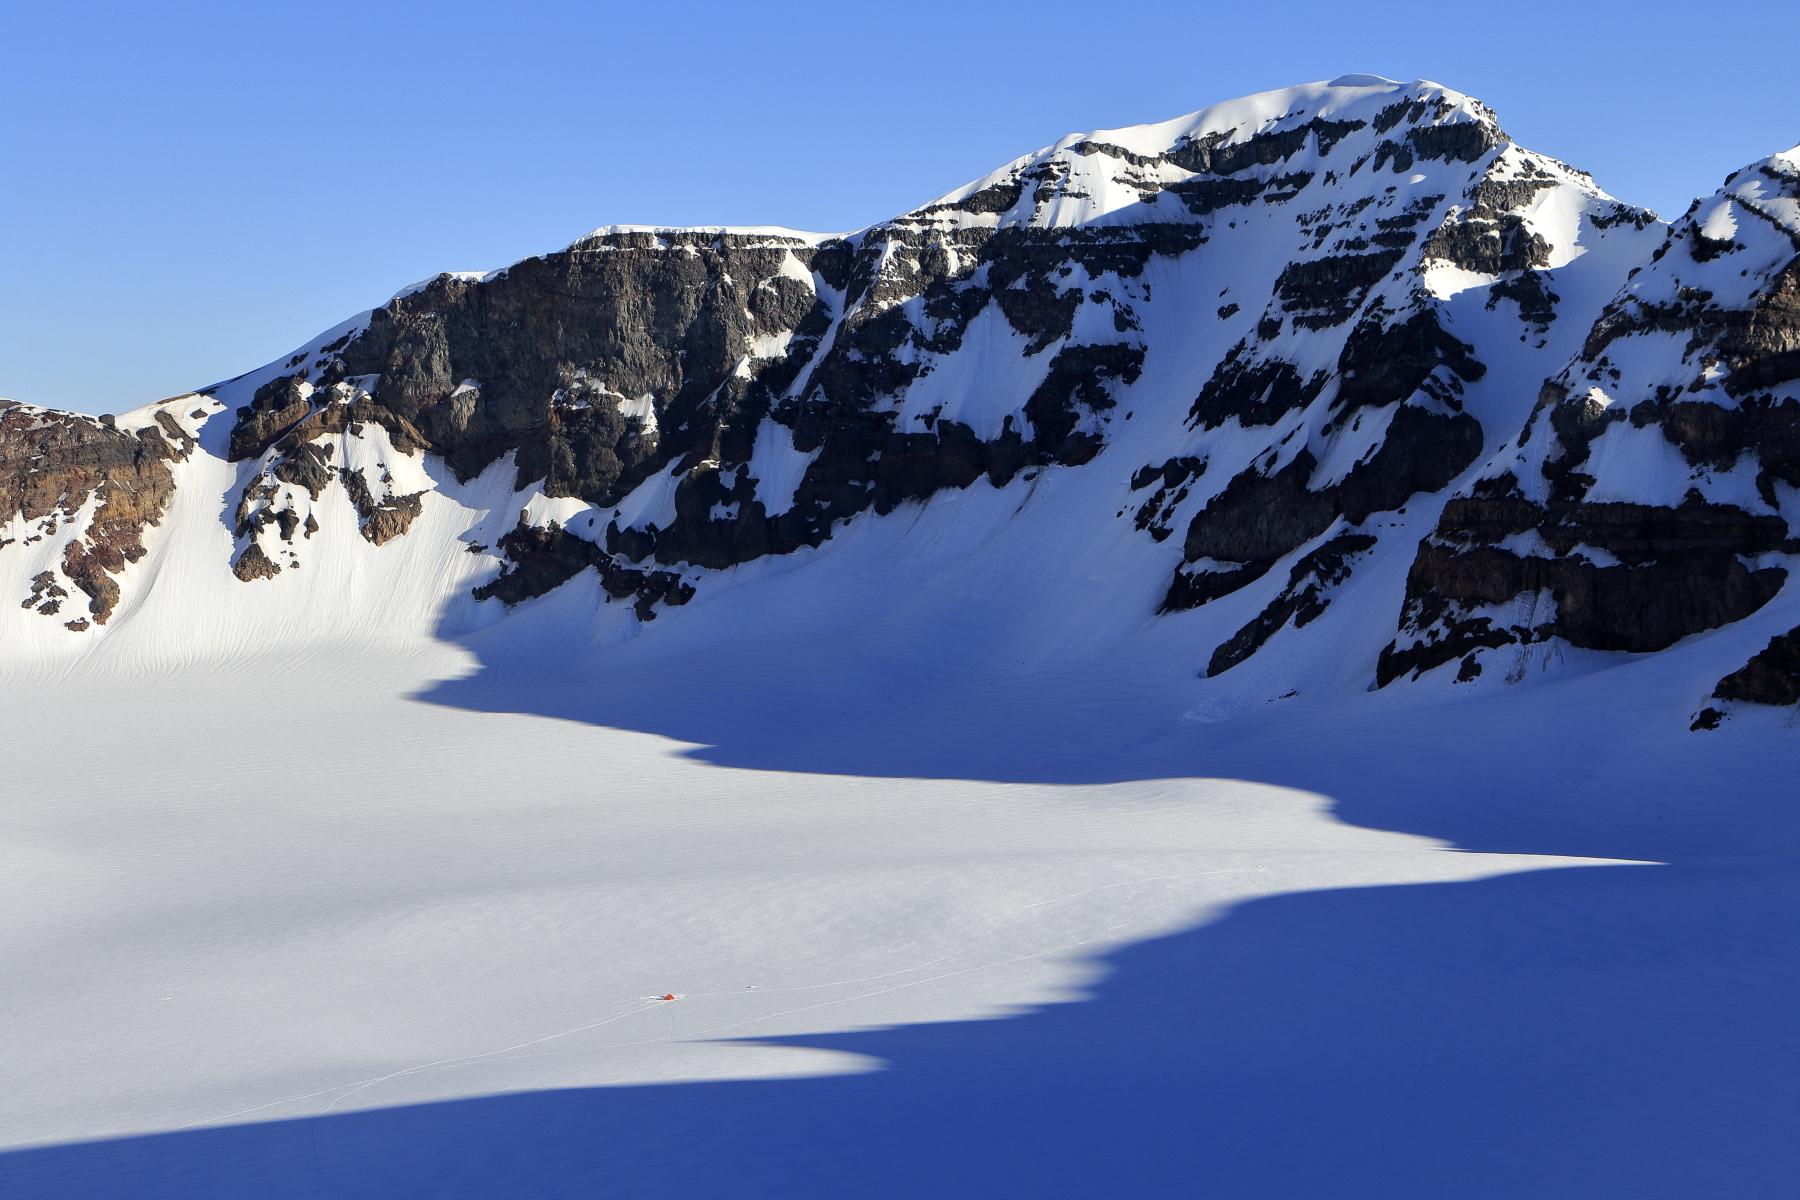 稜線から見たテント。そこで生活し、滑るだけのシンプルな時間をすごすことができた。 写真:布施 智基